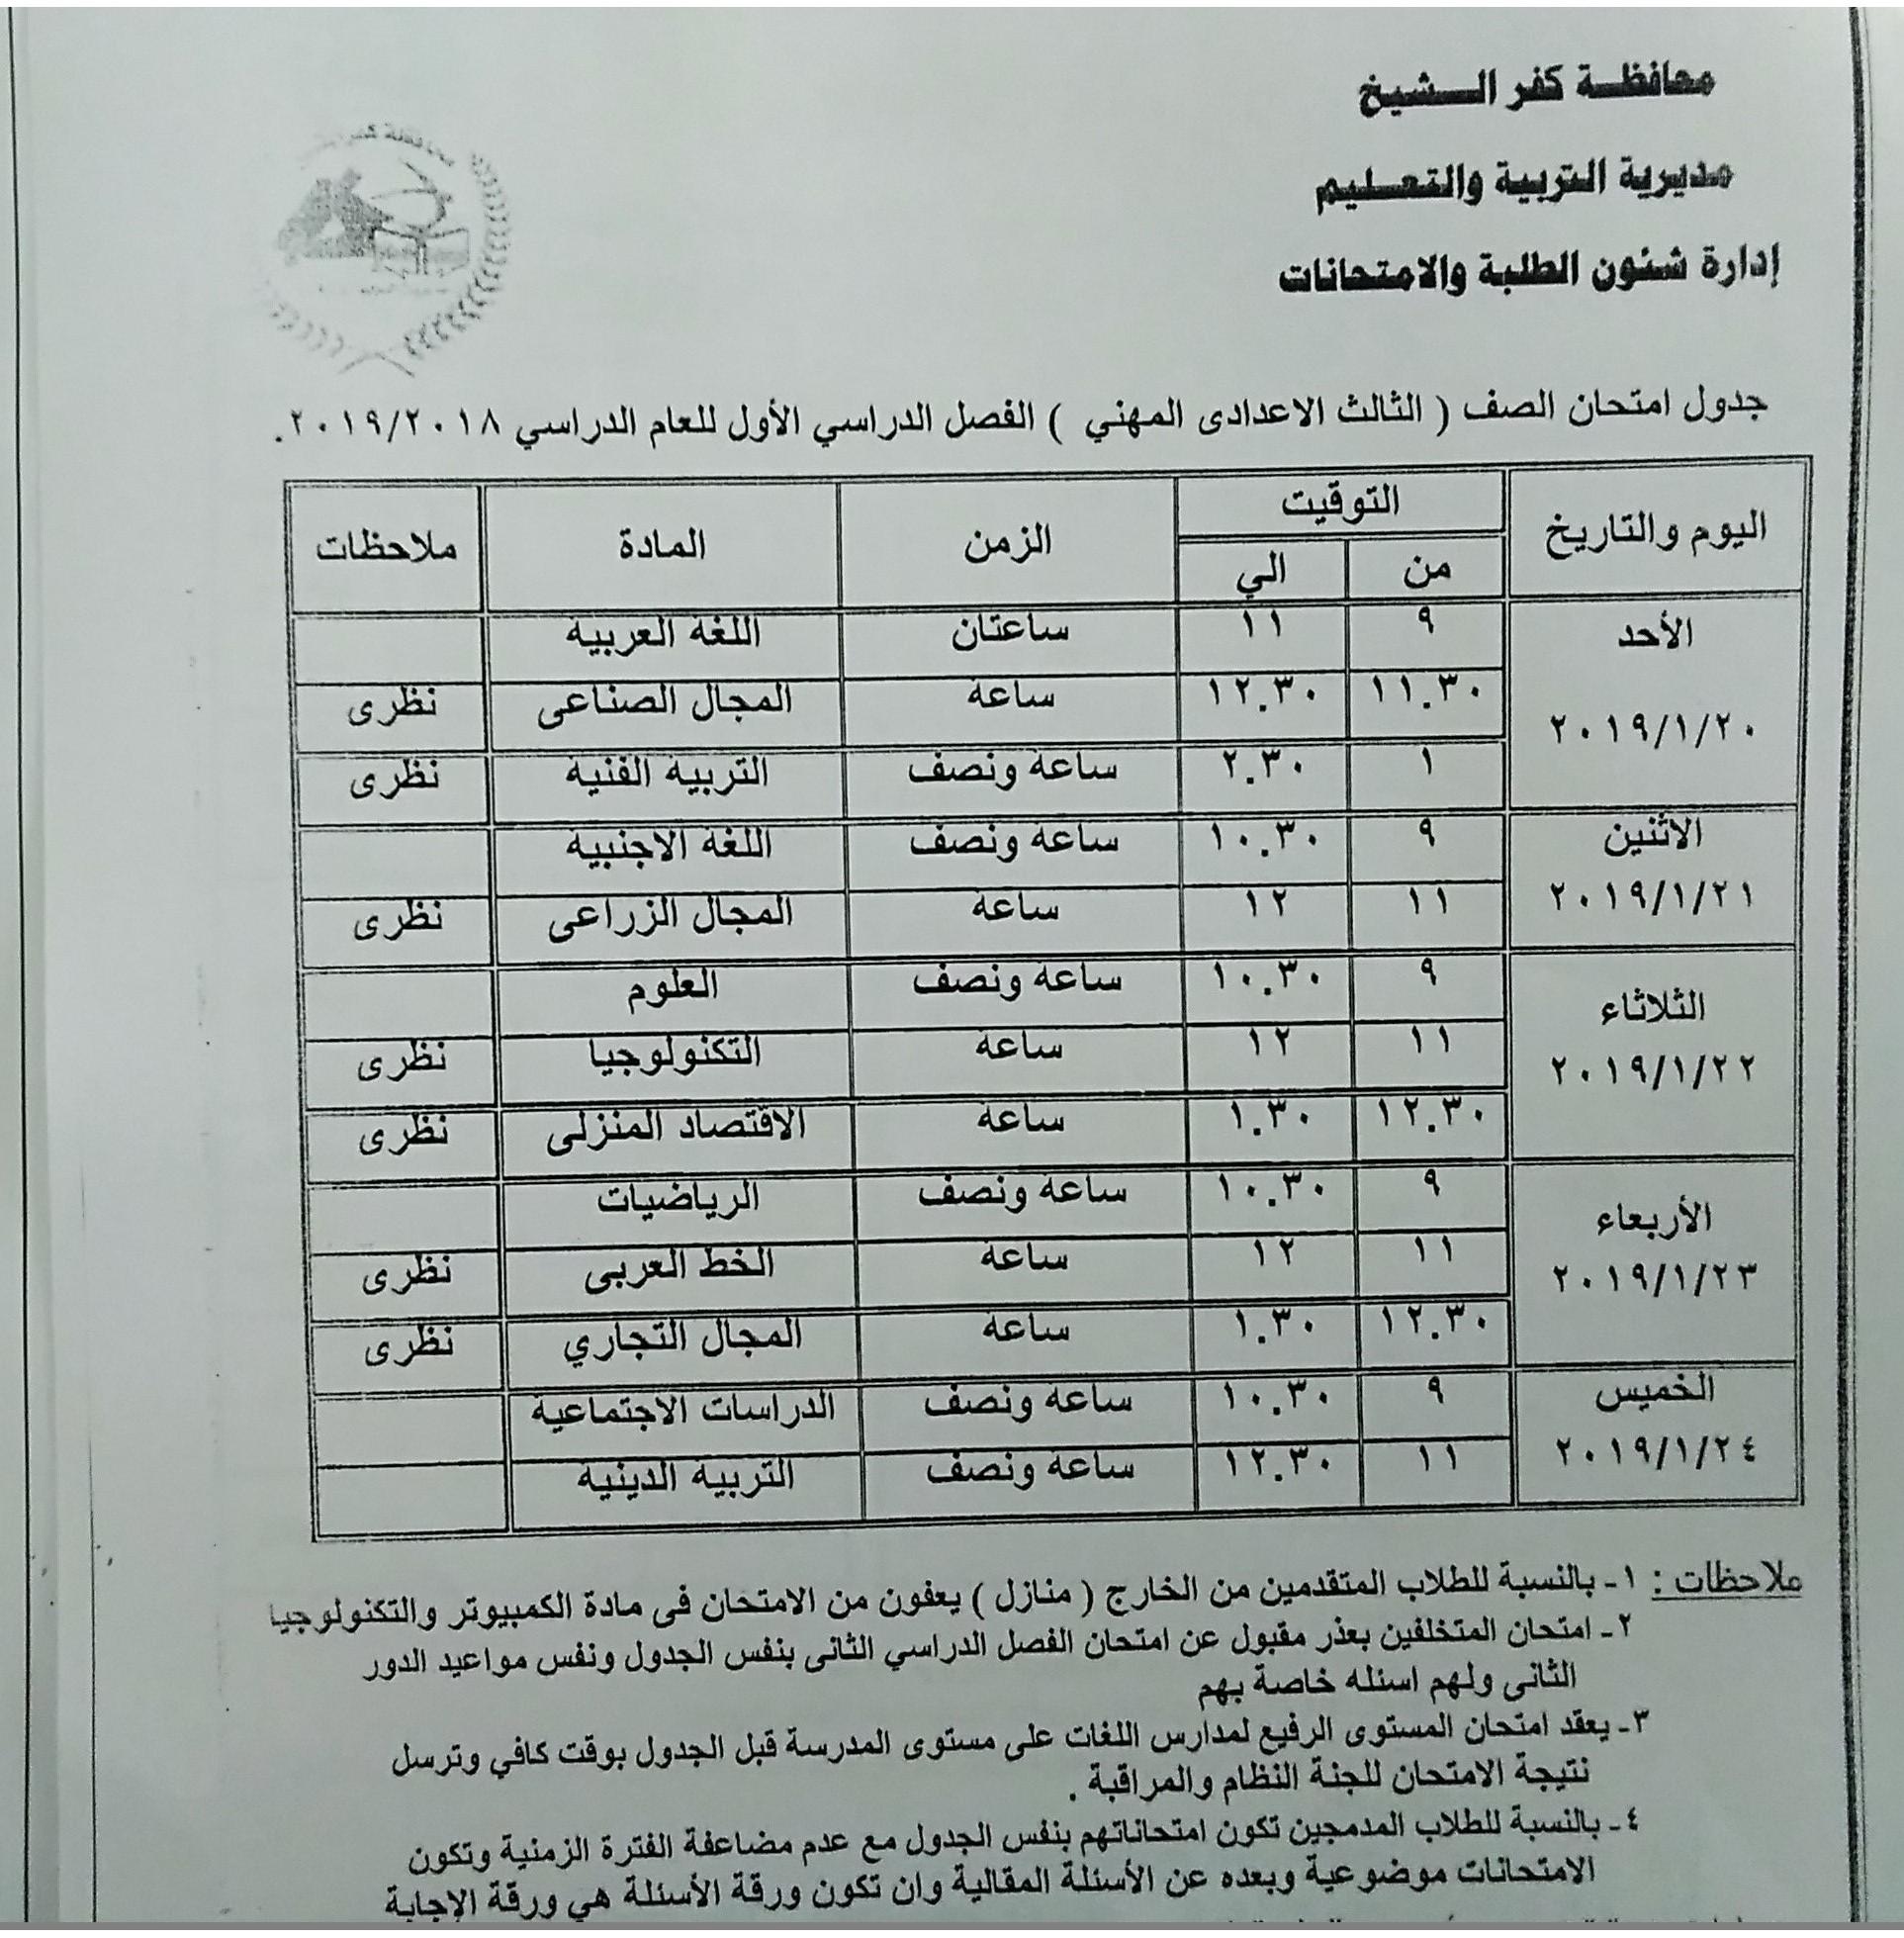 3- جدول امتحان الشهادة الاعدادية المهنية بكفر الشيخ